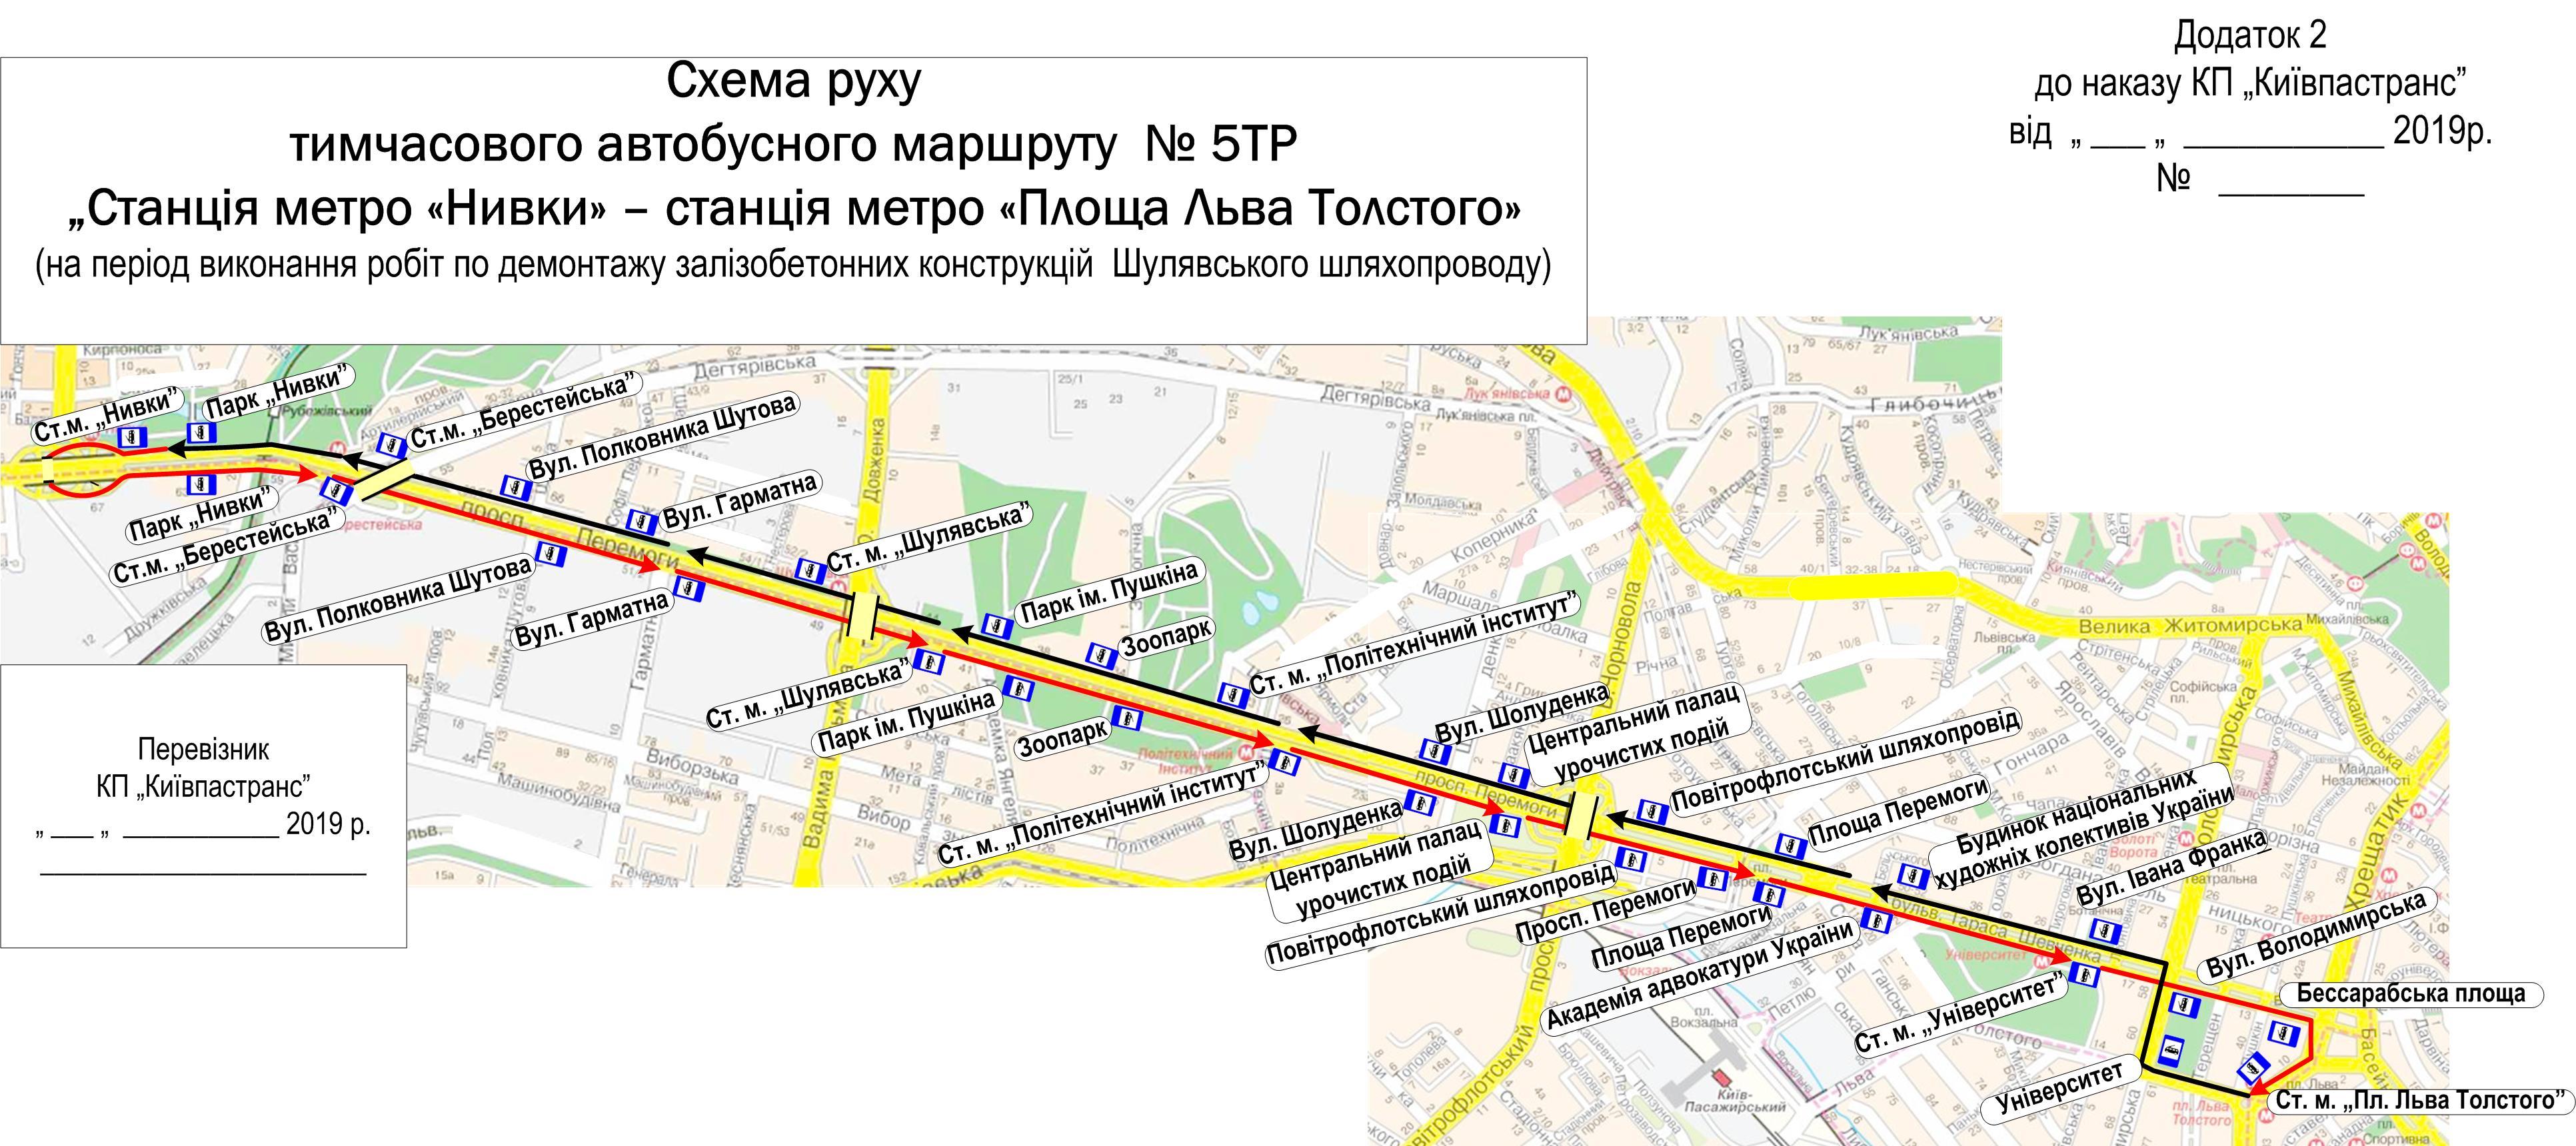 Схема движения временного автобусного маршрута №5Тр